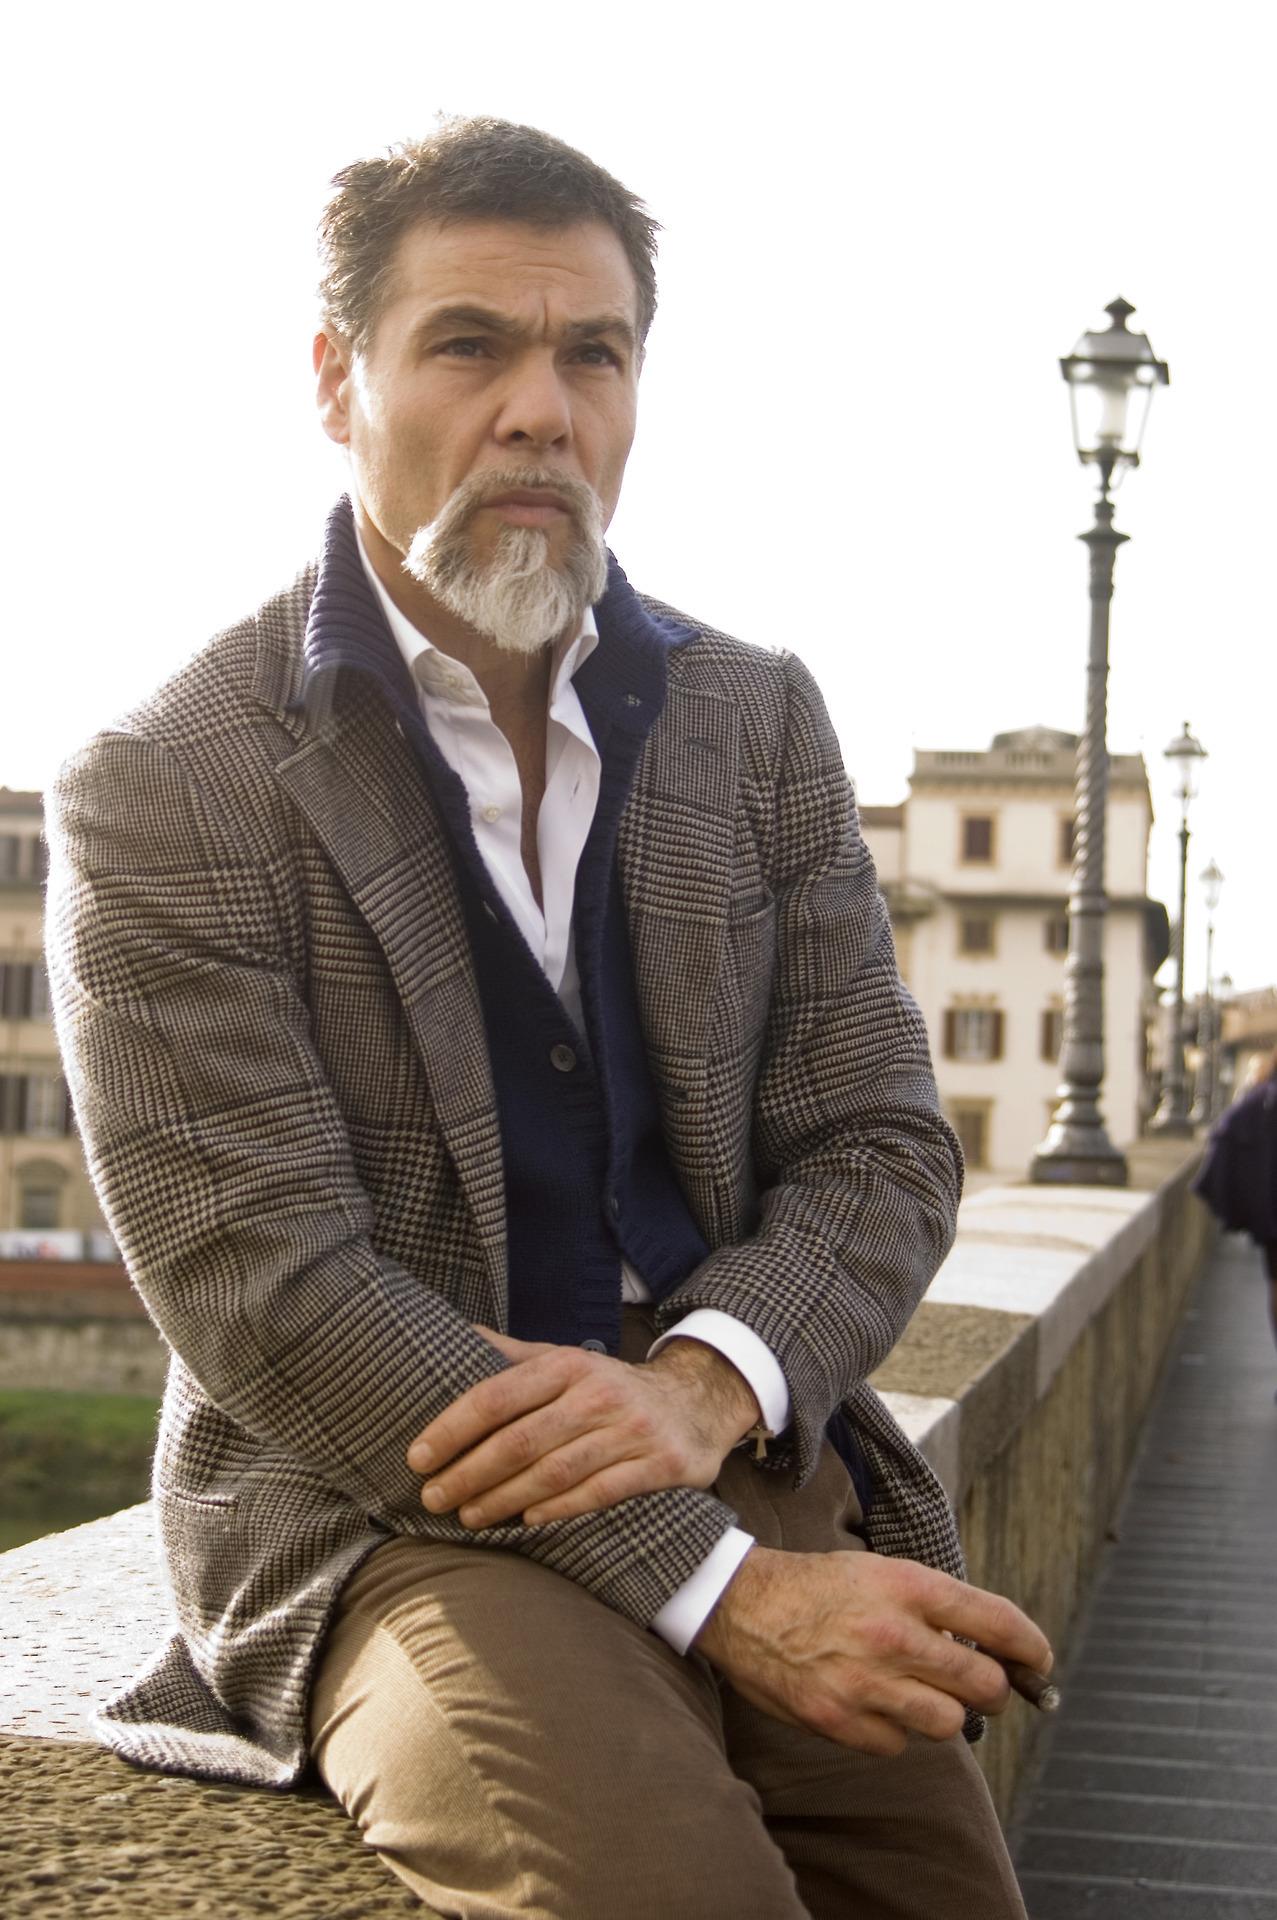 серый-пиджак-темно-синий-кардиган-белая-рубашка-с-длинным-рукавом-original-21834.jpg